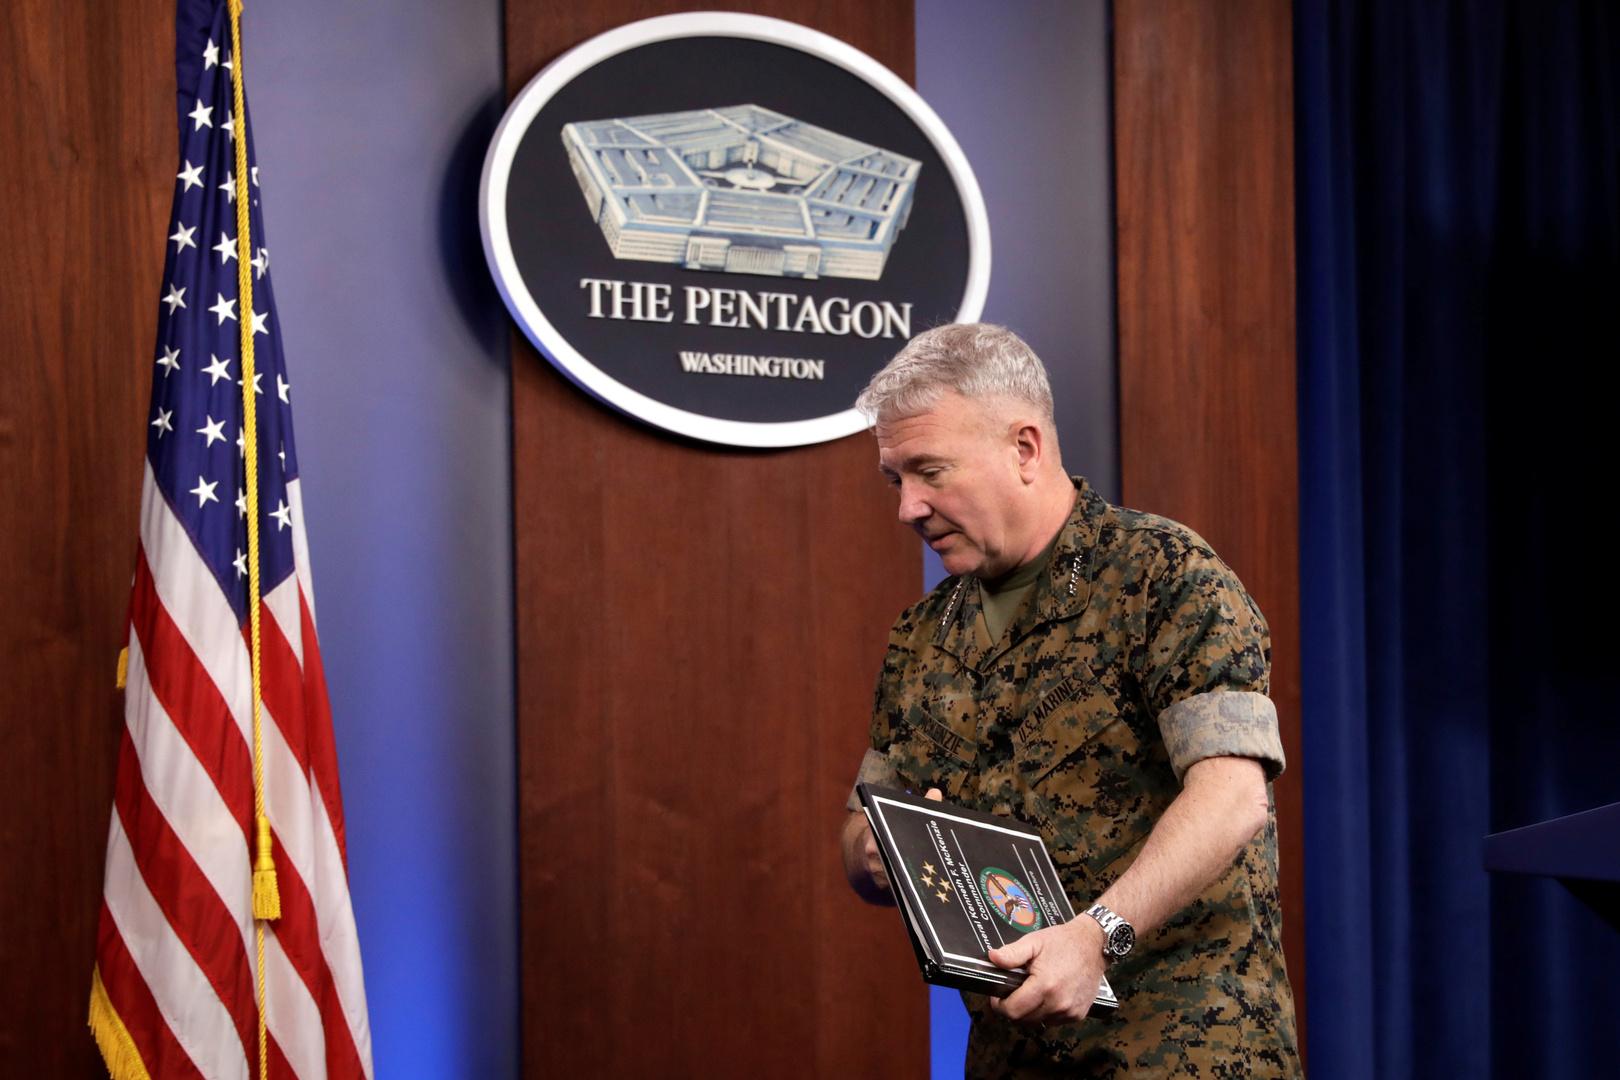 القوات الأمريكية في الشرق الأوسط تدعو إيران إلى